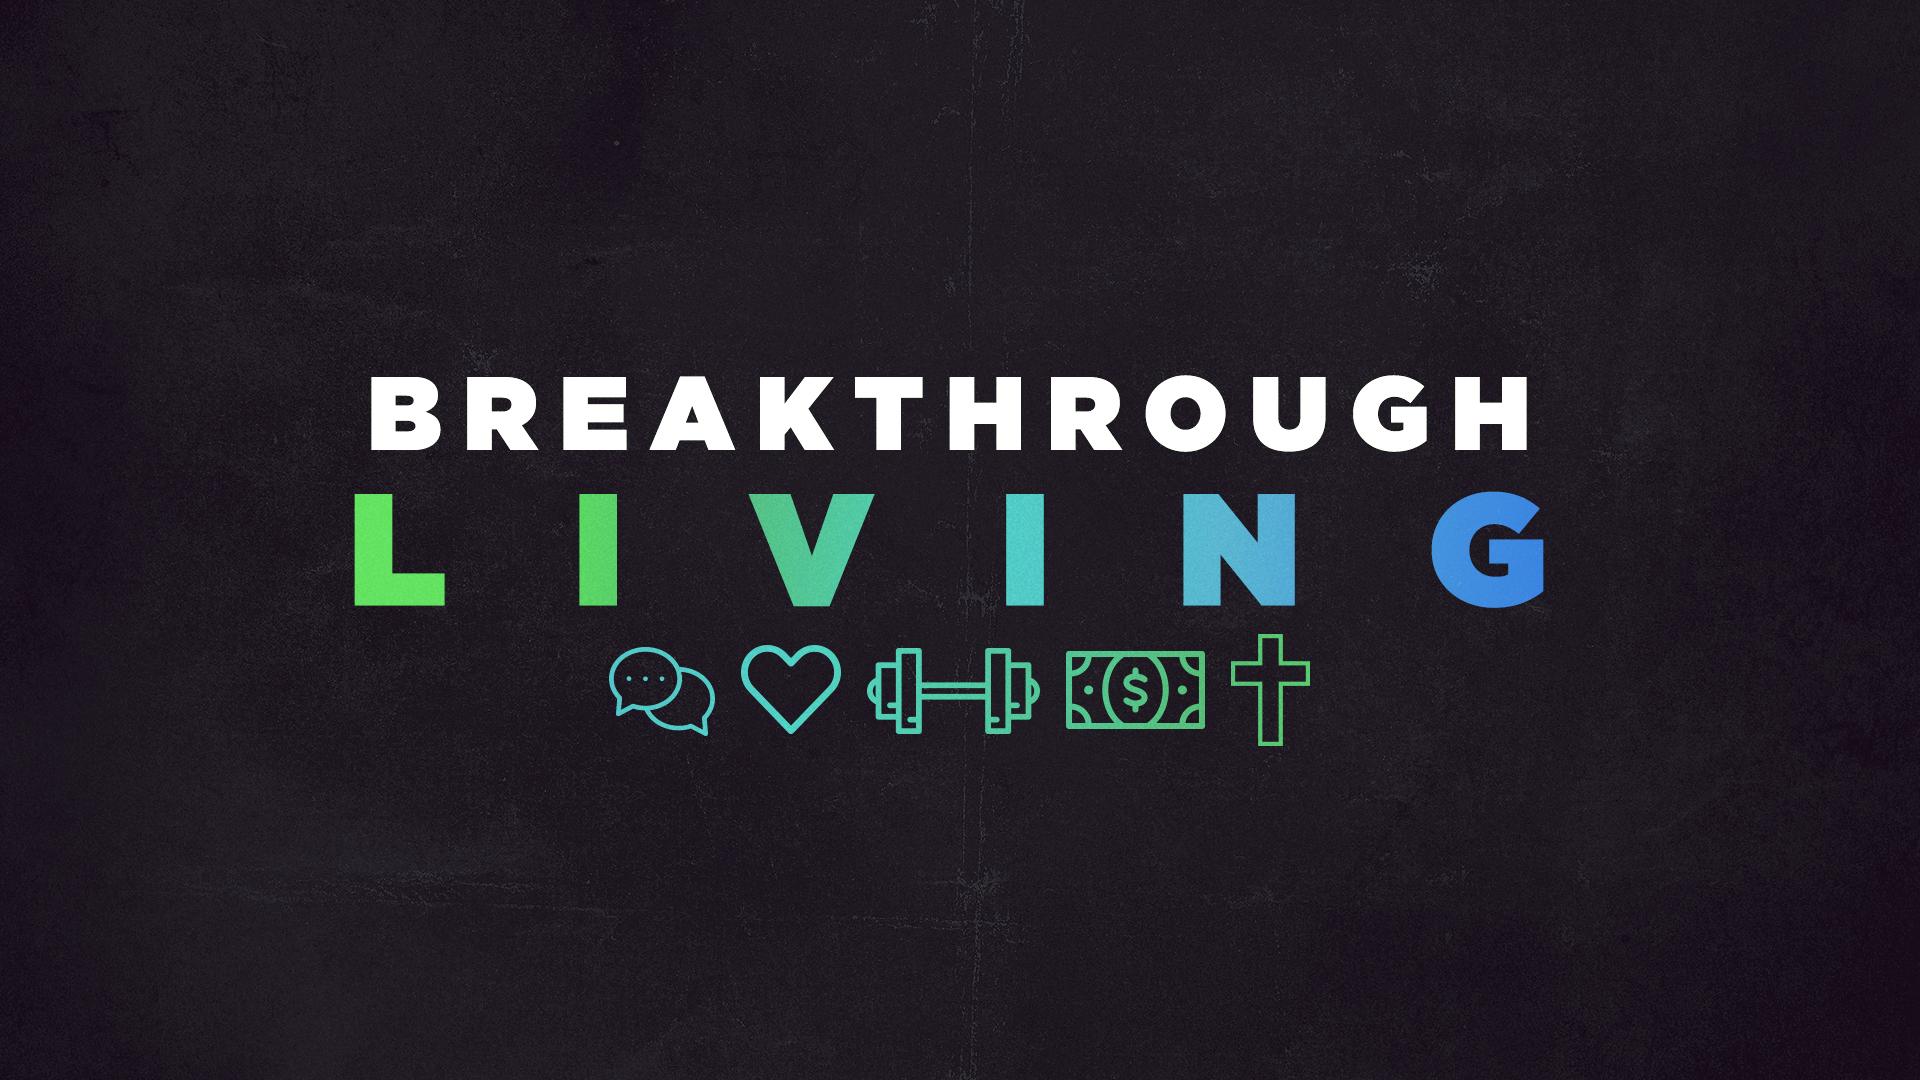 breakthroughliving.jpg